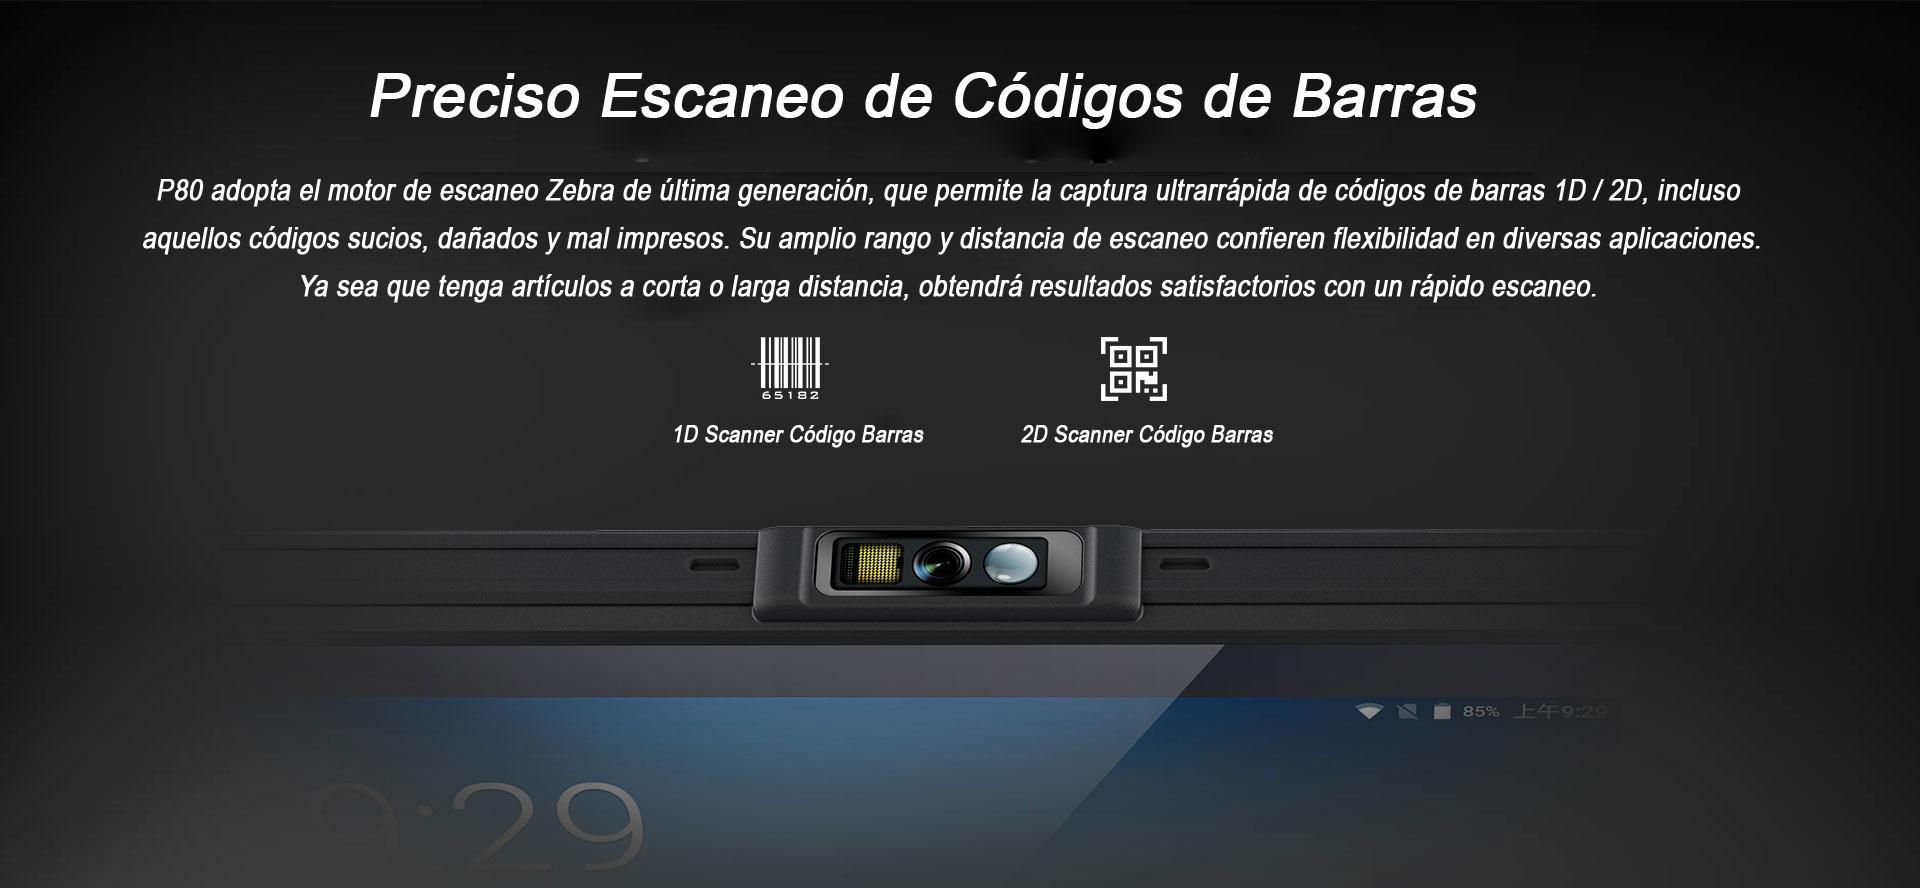 Tablet Industrial P80 código de barras